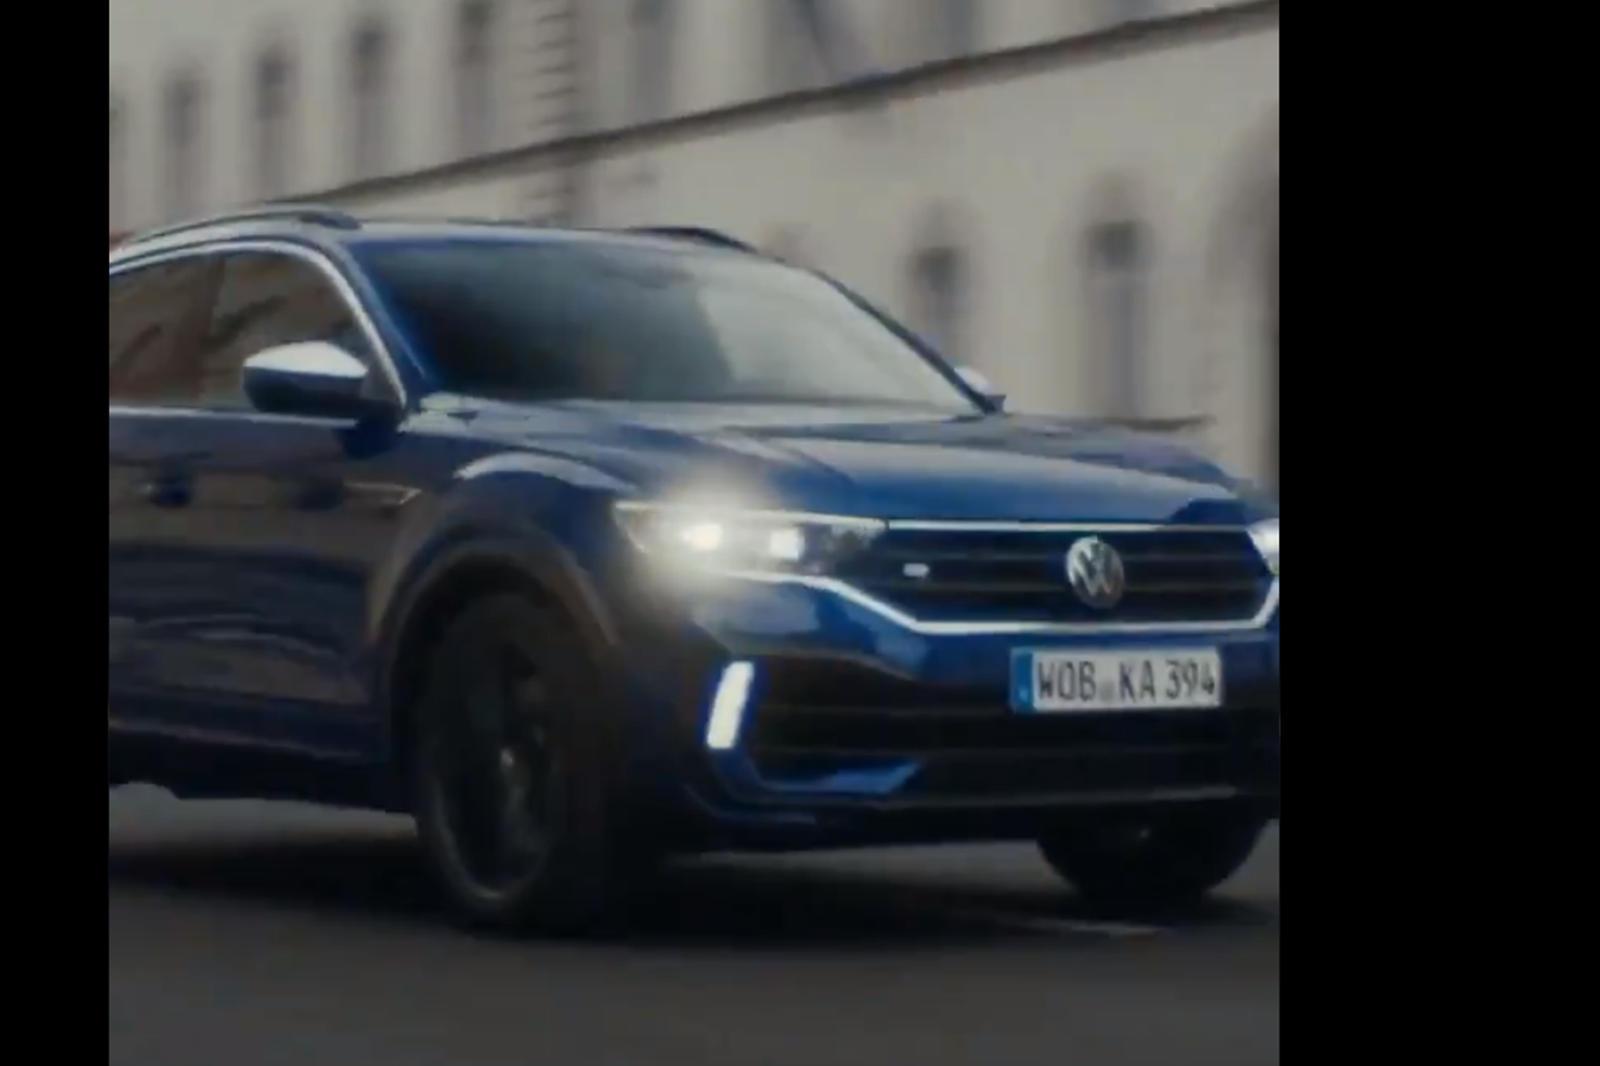 Volkswagen Golf R - это горячий хэтчбек, который мы уже ждем, затаив дыхание. Каким бы крутым ни был GTI и как бы мы не были в восторге от нового варианта Clubsport, есть только одна топовая версия Golf, и это R. Мы уже видели, как он будет выглядеть